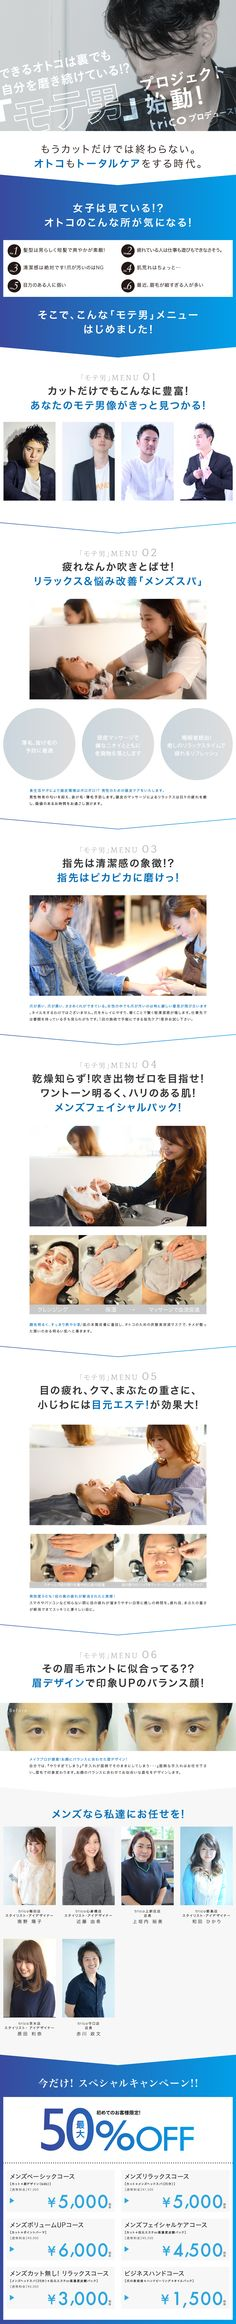 メンズ特集|美容室trico(トリコ)|梅田・心斎橋を拠点に展開するヘアー・ネイル・まつ毛エクステ・メイク・エステを提案する美容室 |